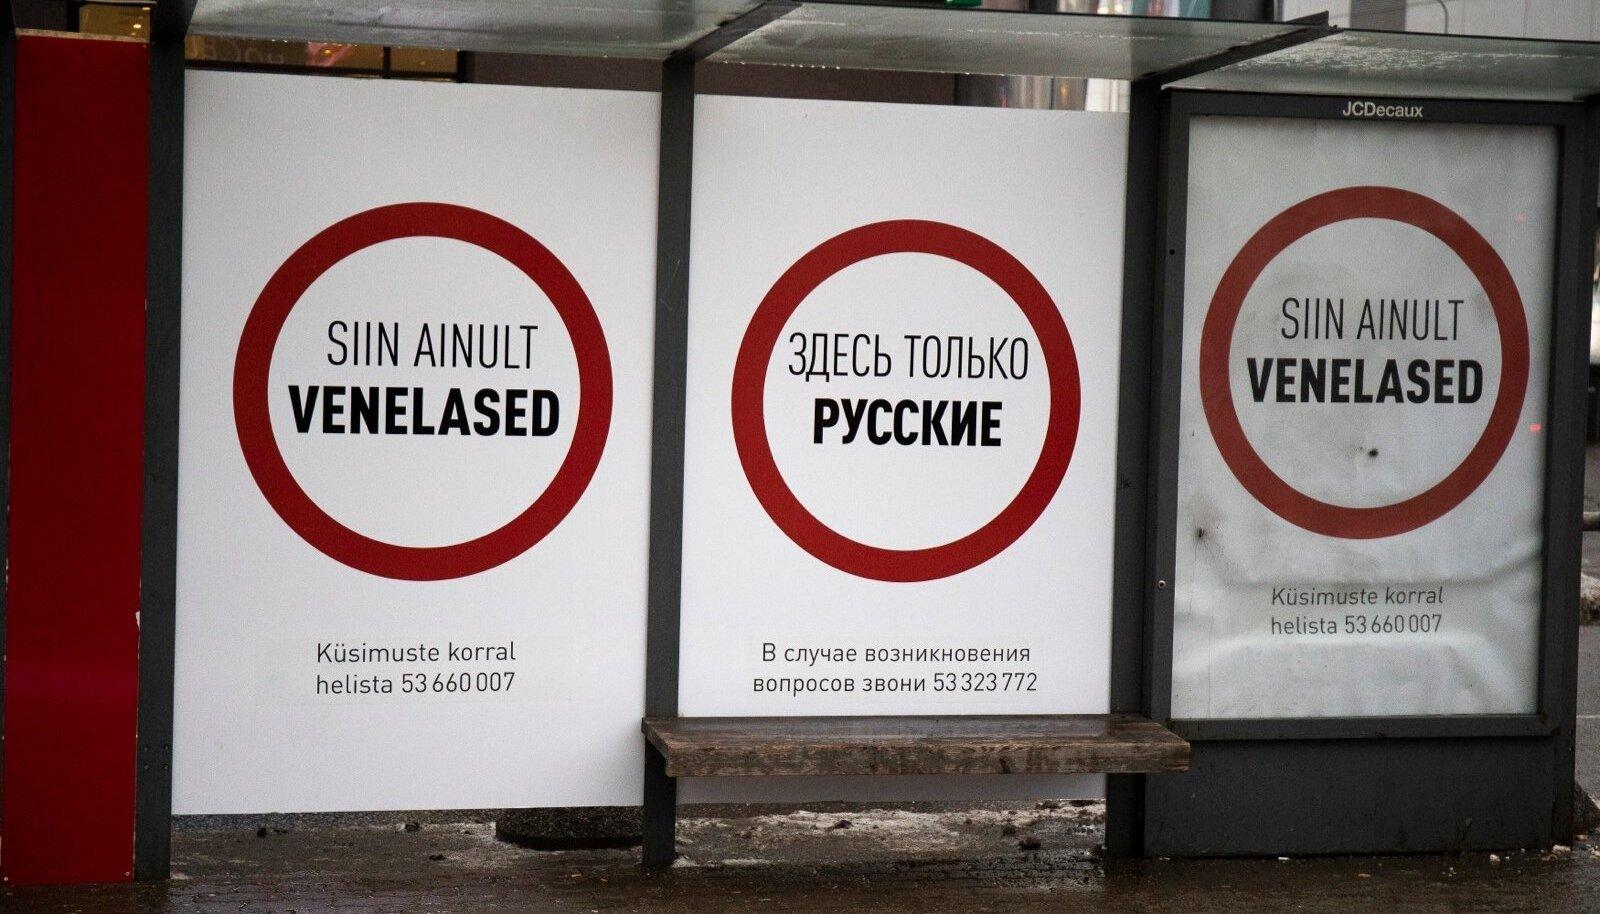 Eesti 200 kampaania Hobujaama trammipeatuses, mis eristas eestlased venelastest